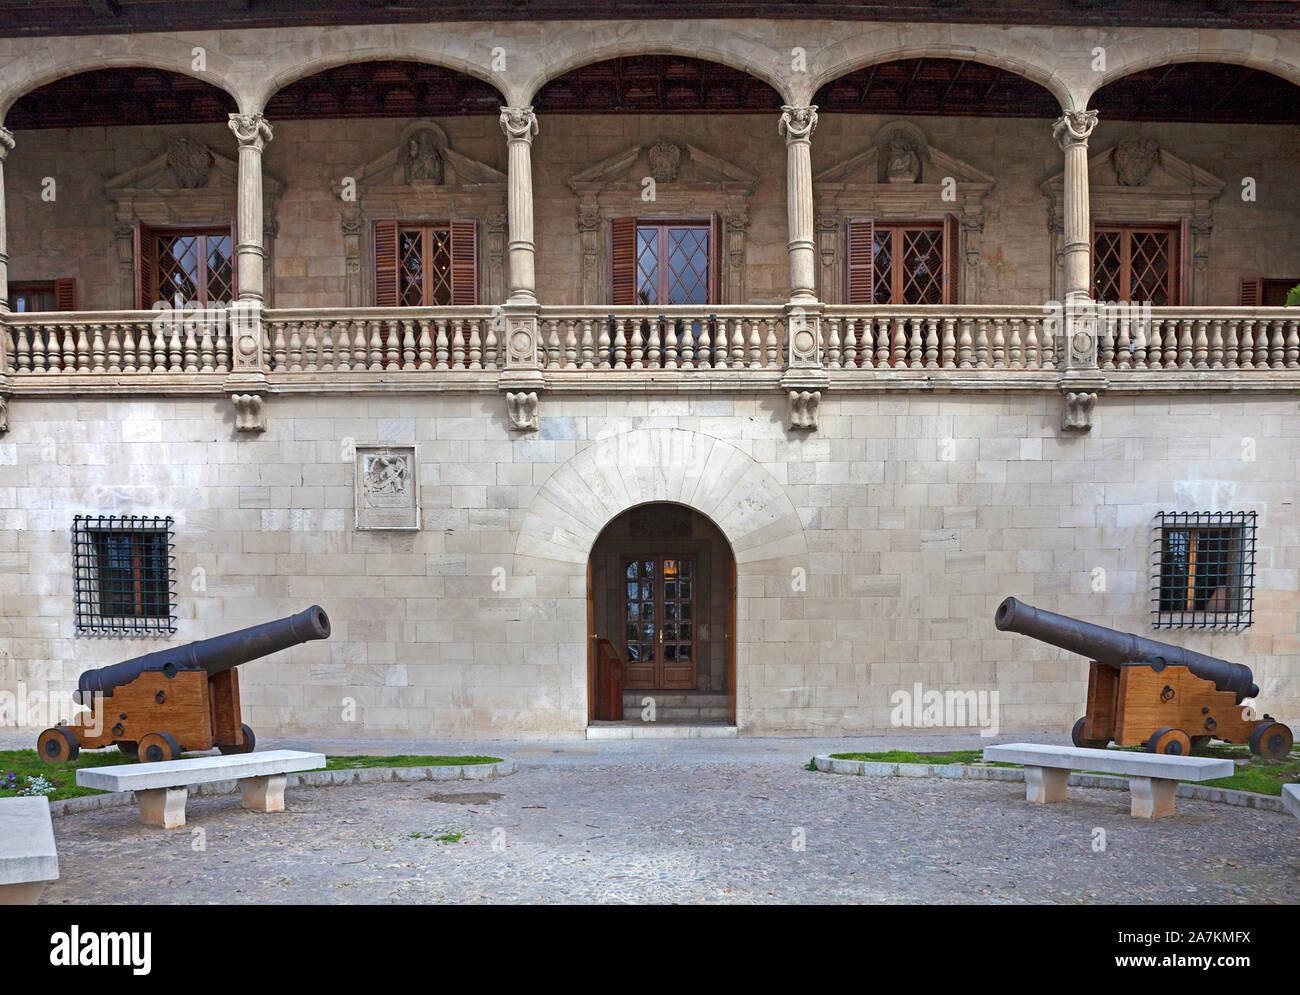 Consulado del Mar, gothic building for maritime trade, today a museum for contemporary arts, Paseo Sagrera, Palma, Palma de Mallorca, Mallorca, Spain Stock Photo